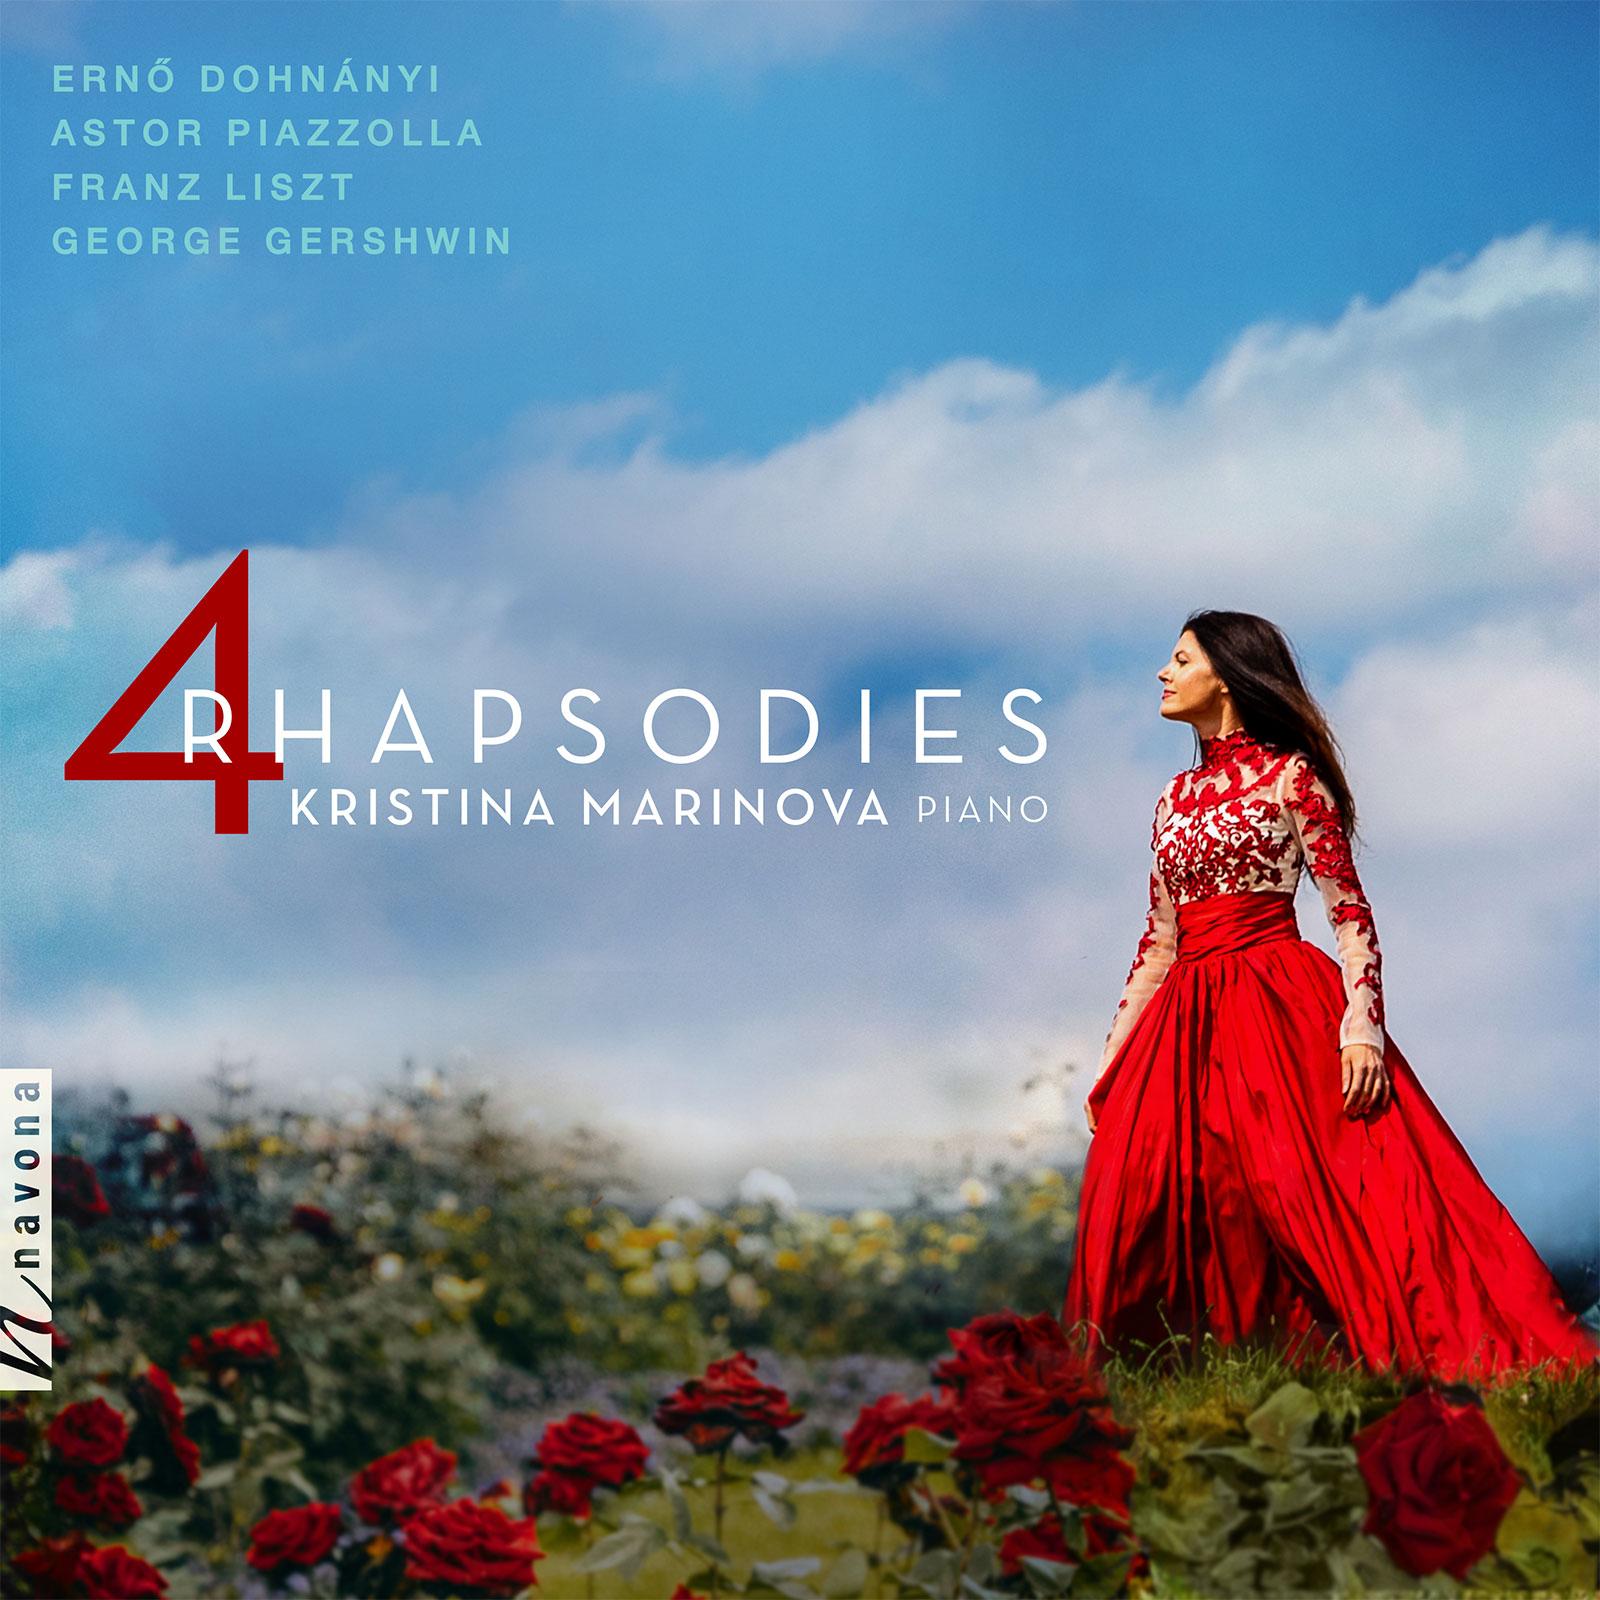 4 RHAPSODIES - Kristina Marinova - Album Cover